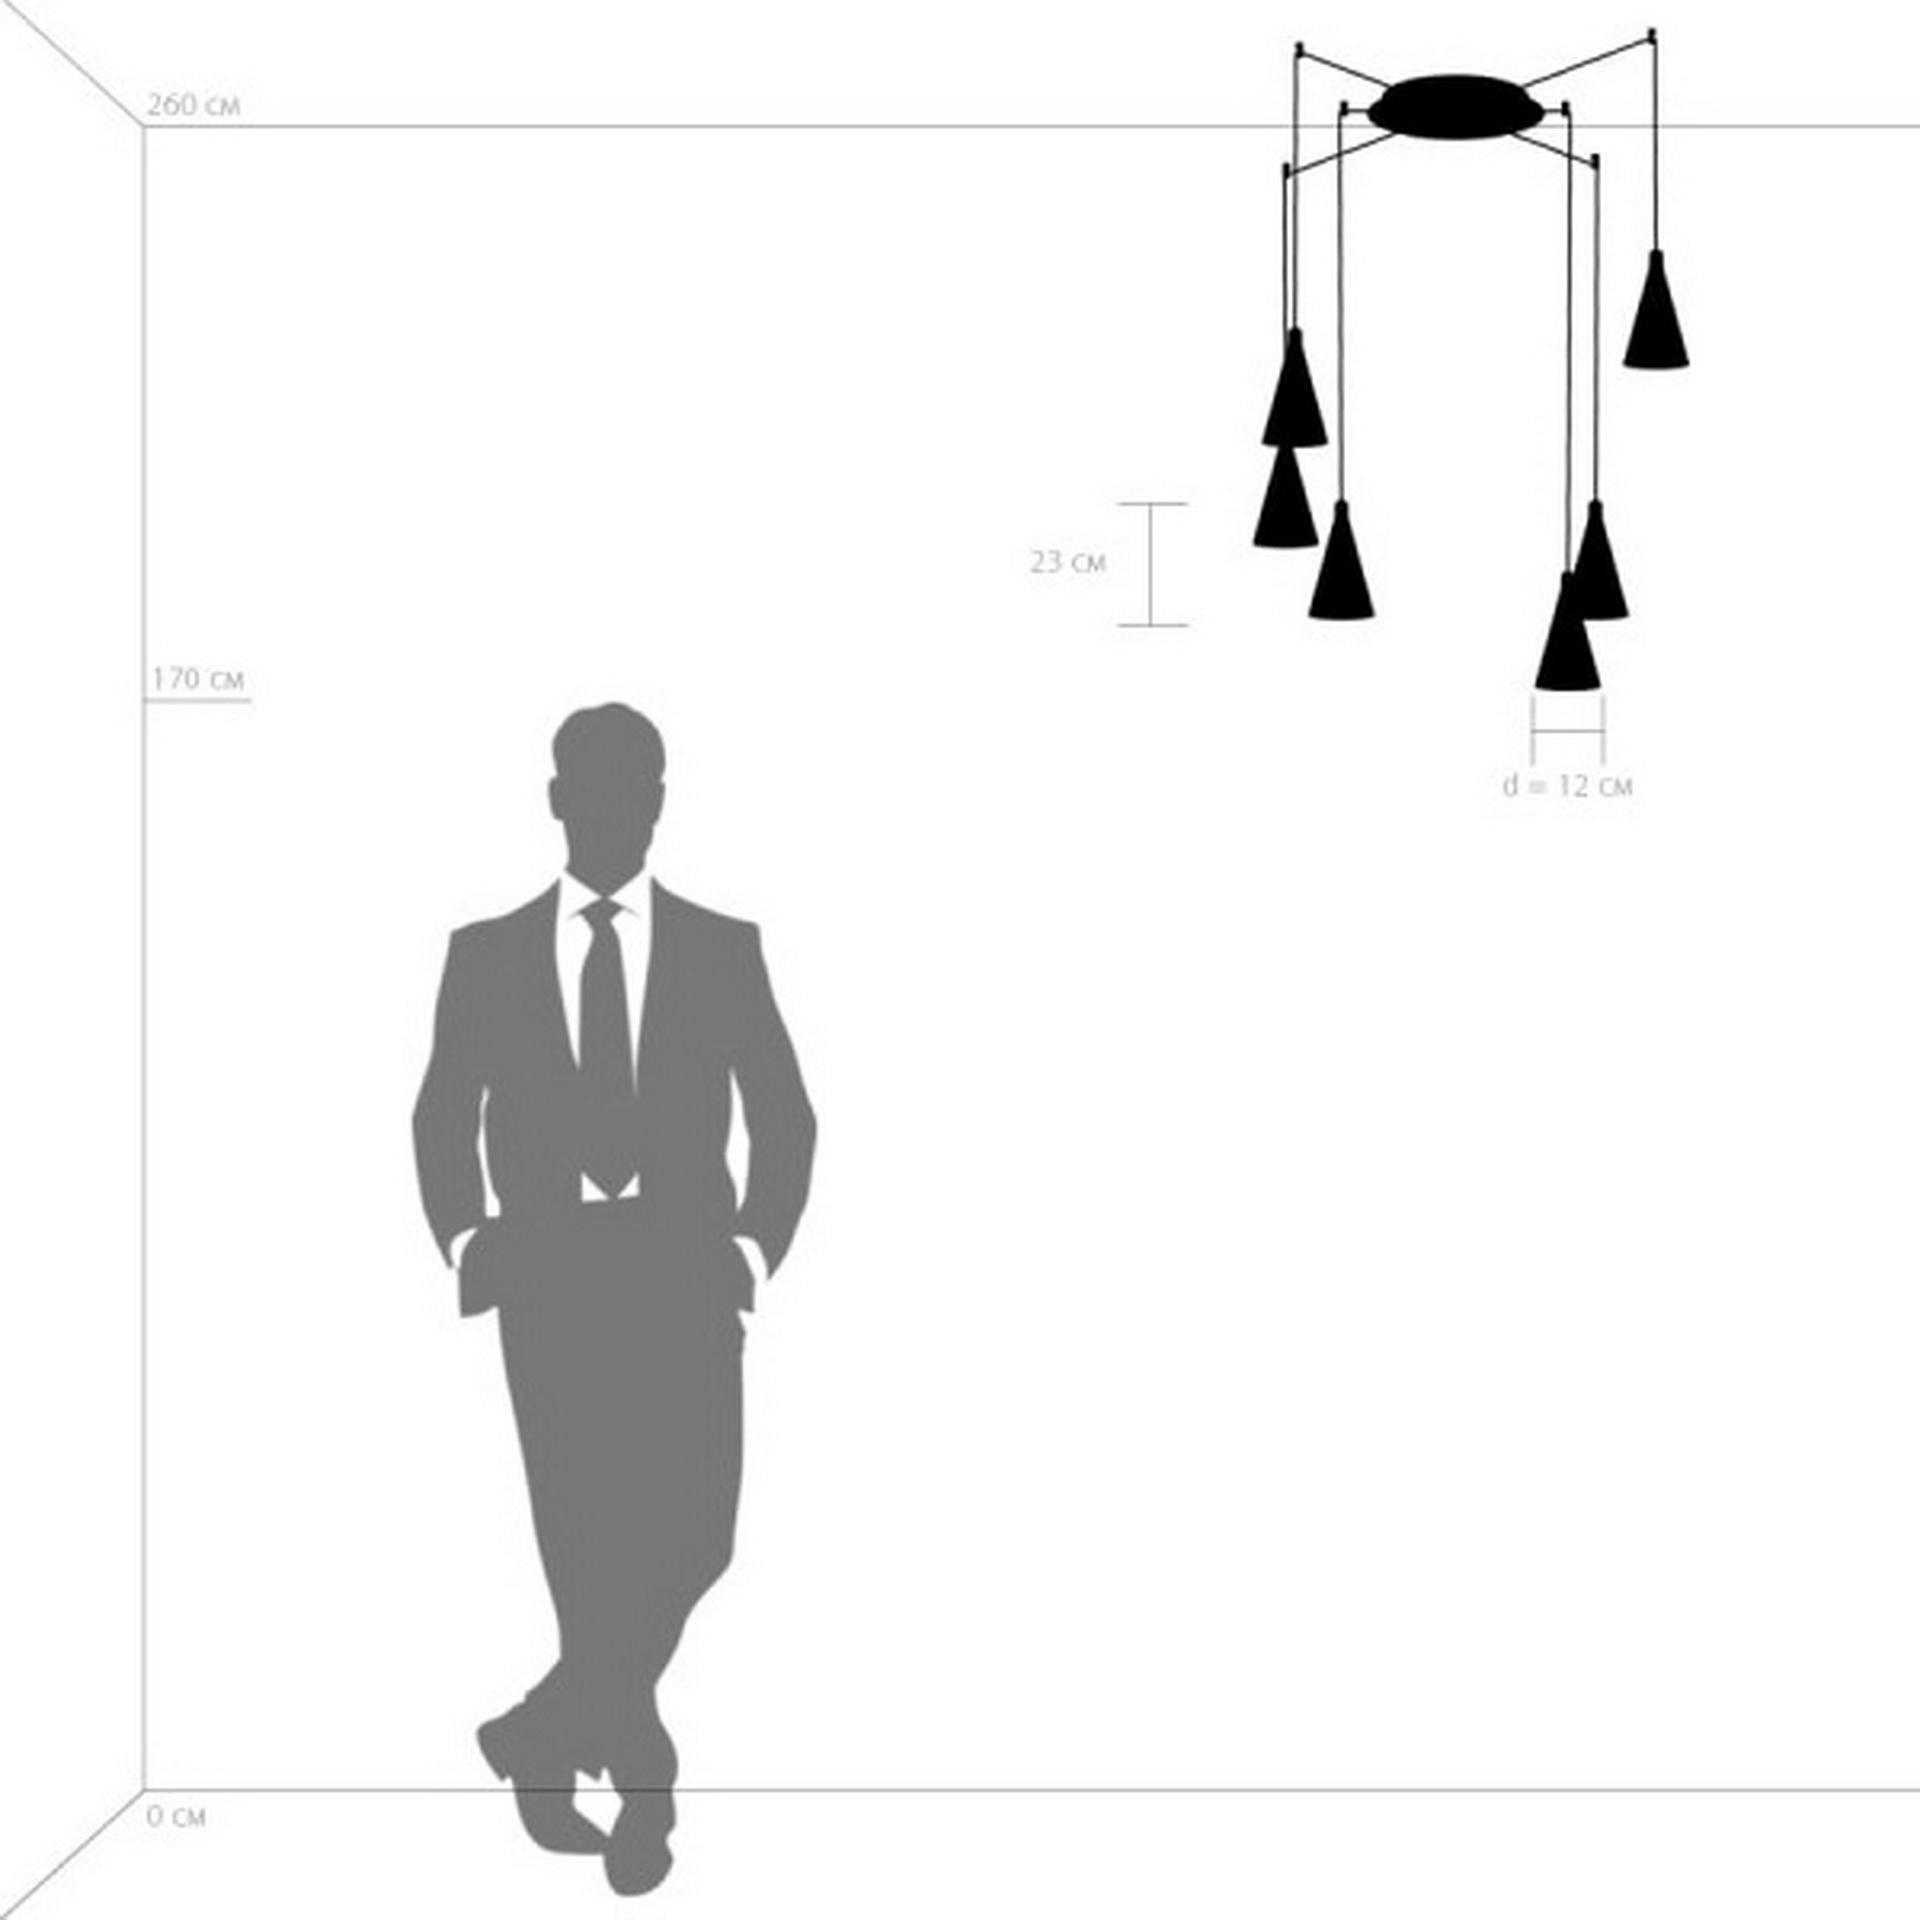 Подвесная люстра CONE LightStar 757069 цвет - хром, купить в СПб, Москве, с доставкой, Санкт-Петербург, интернет-магазин люстр и светильников Starlight, фото в жизни